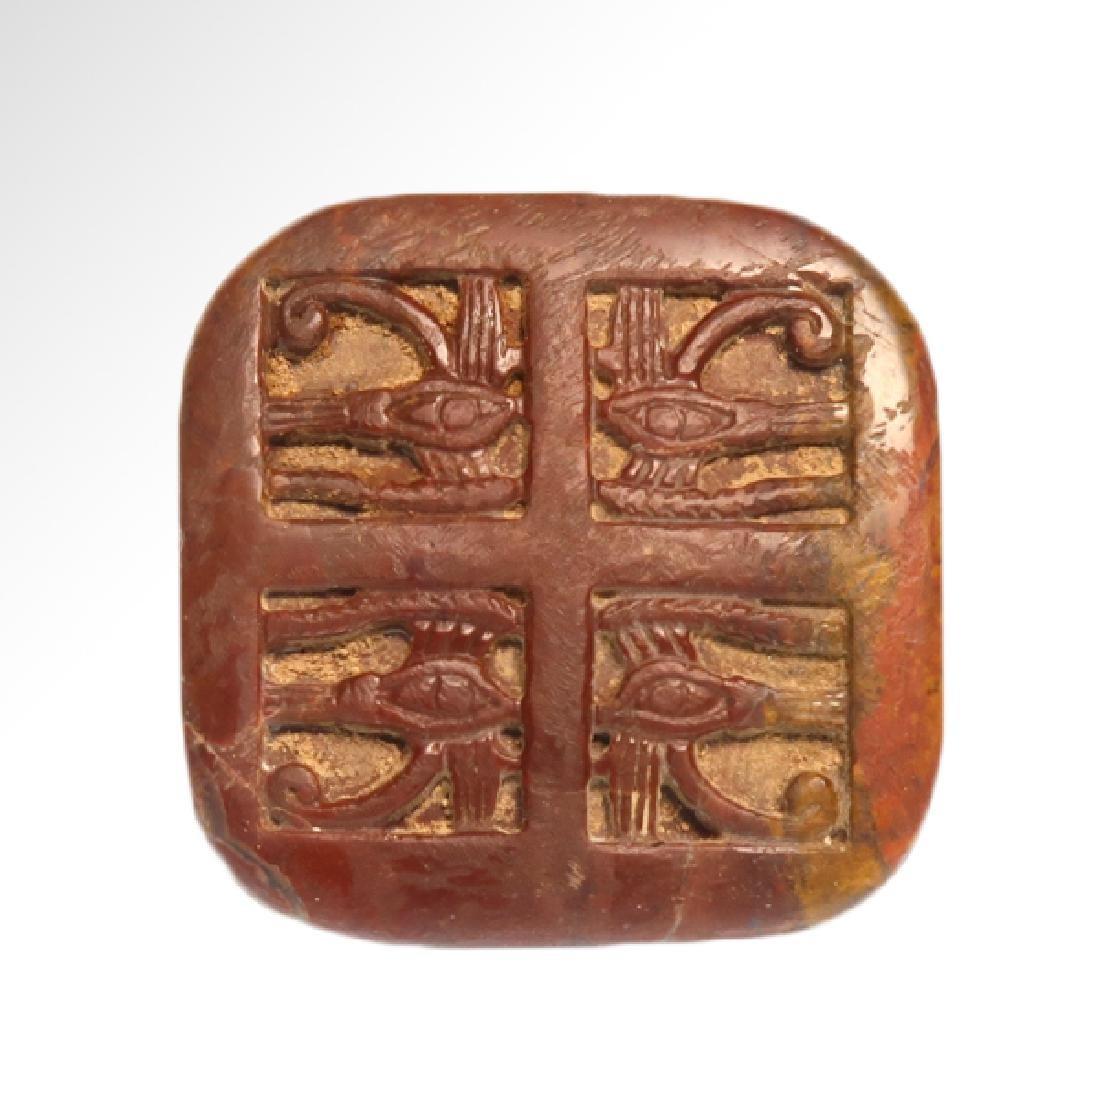 Egyptian Jasper Amulet With Four Eyes of Horus